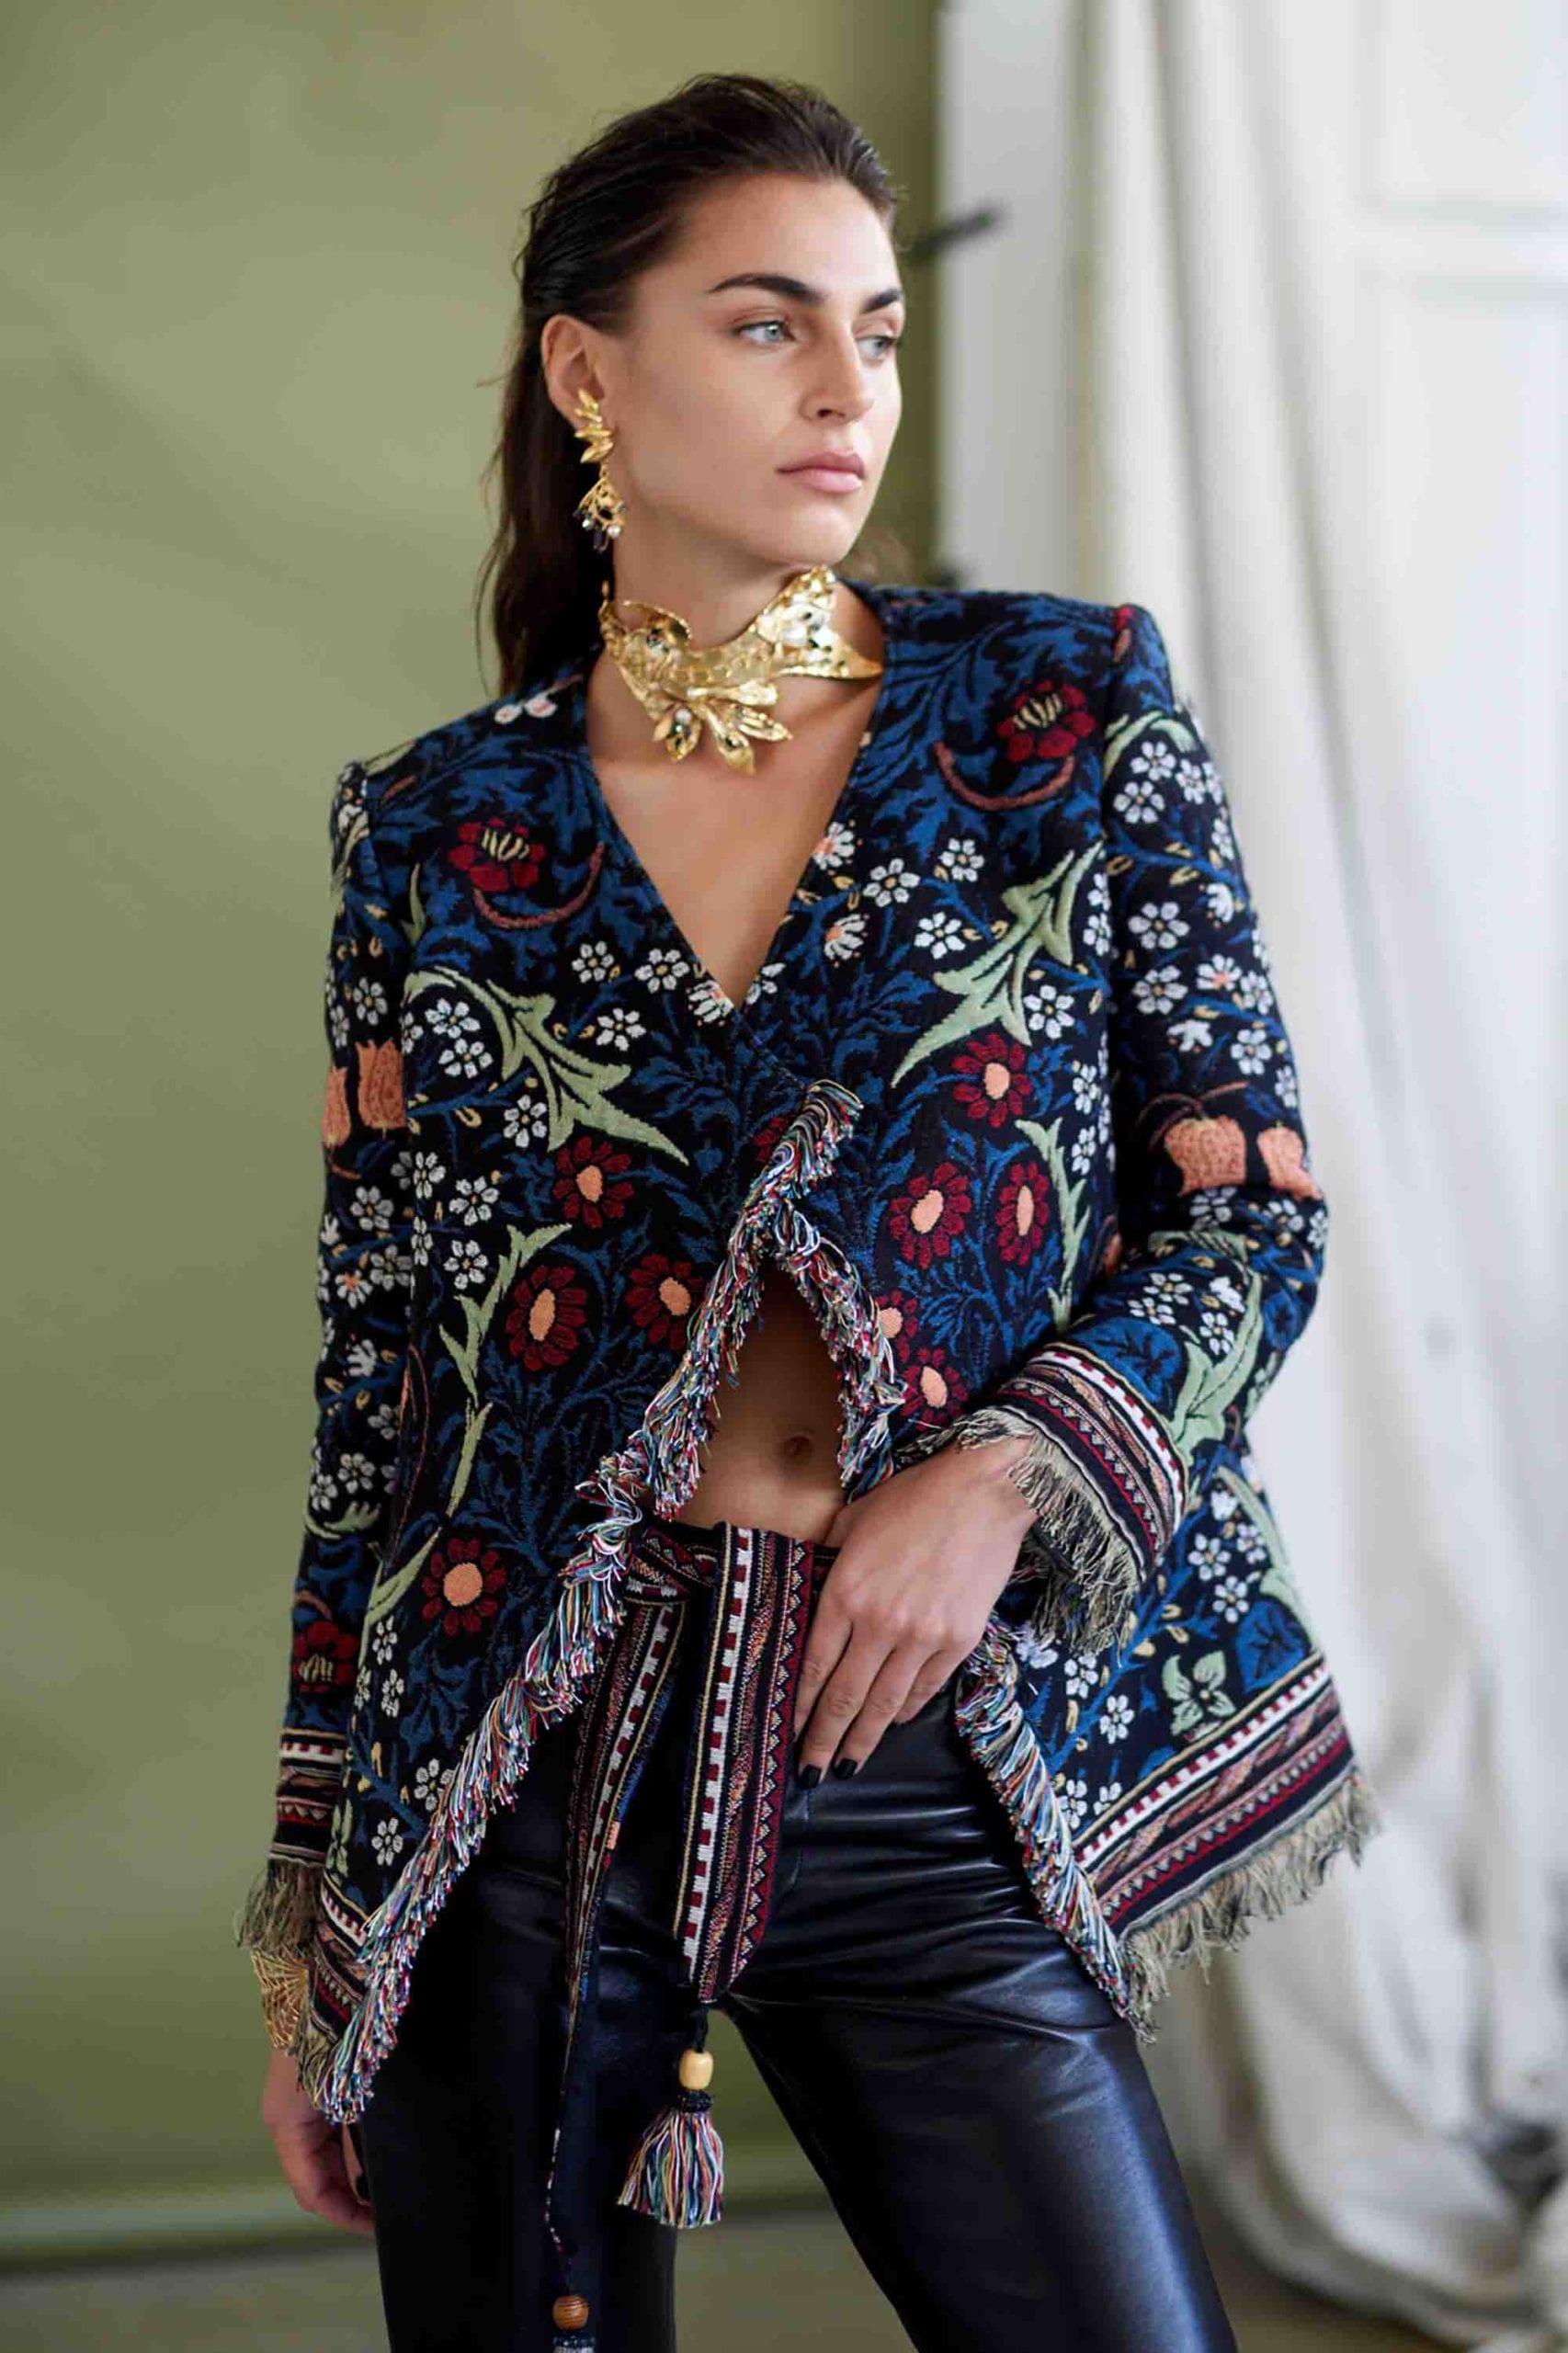 קובי גולן, Kobi Golan, מעצב אופנה, קולקציית אופנה 2020, מגזין אופנה, כתבות אופנה, הילה שייר, אופנה, מגזין אופנה ישראלי -10